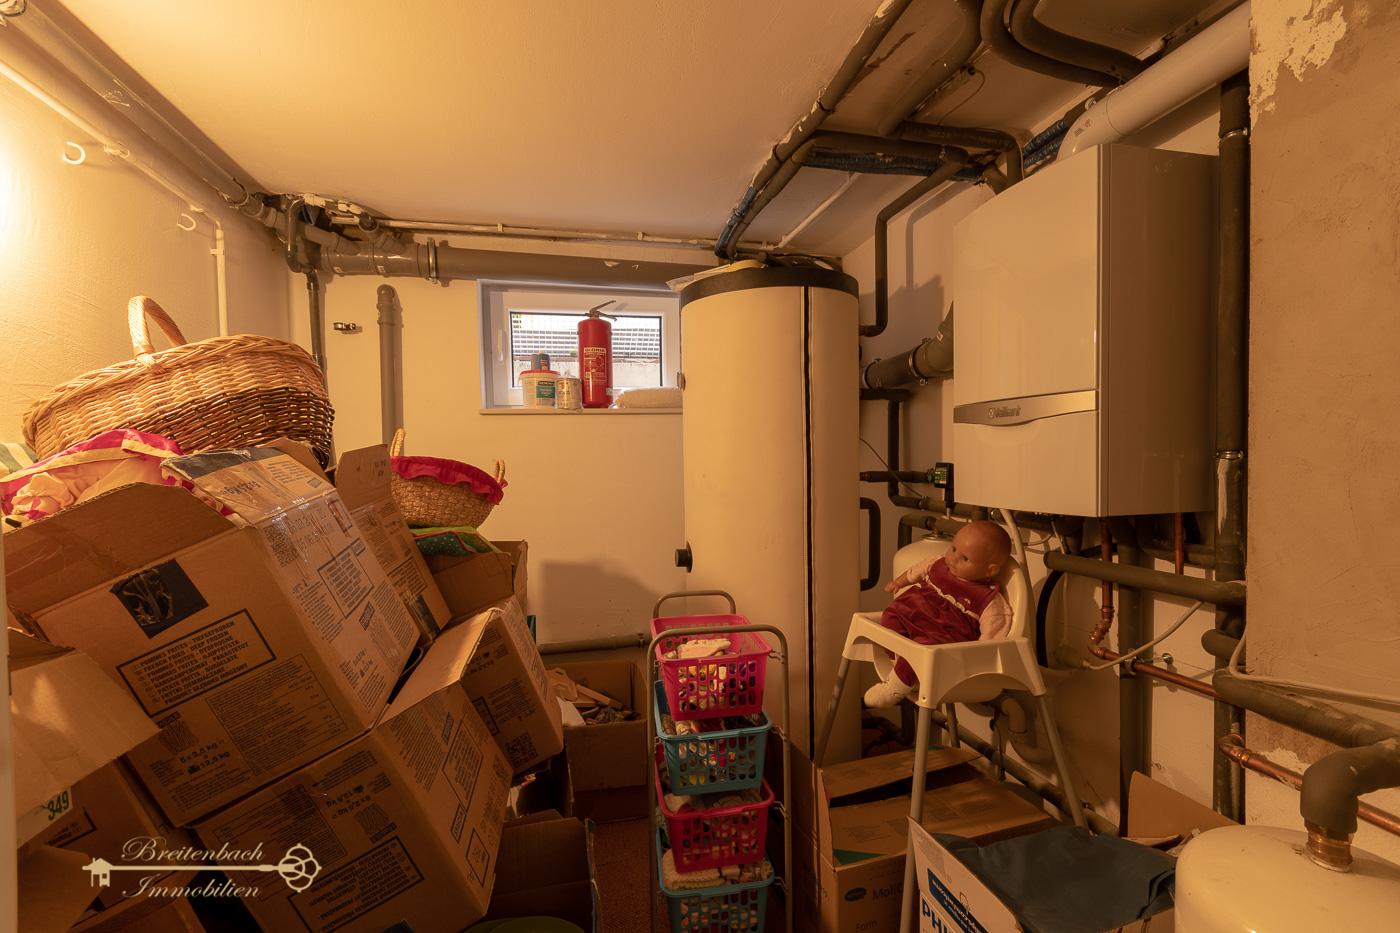 2019-07-14-Breitenbach-Immobilien-Archiv-13